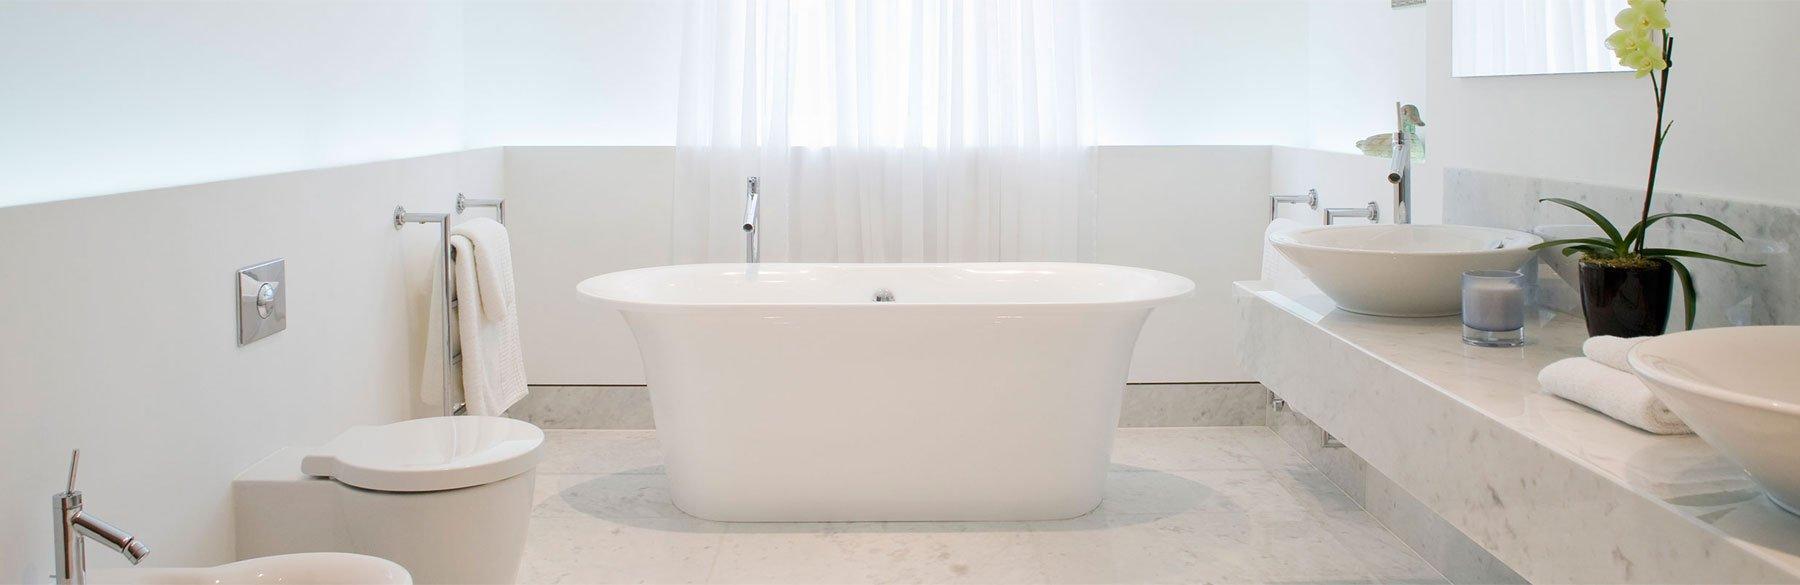 Der Marmorputz eignet sich perfekt für ein fugenloses Bad!